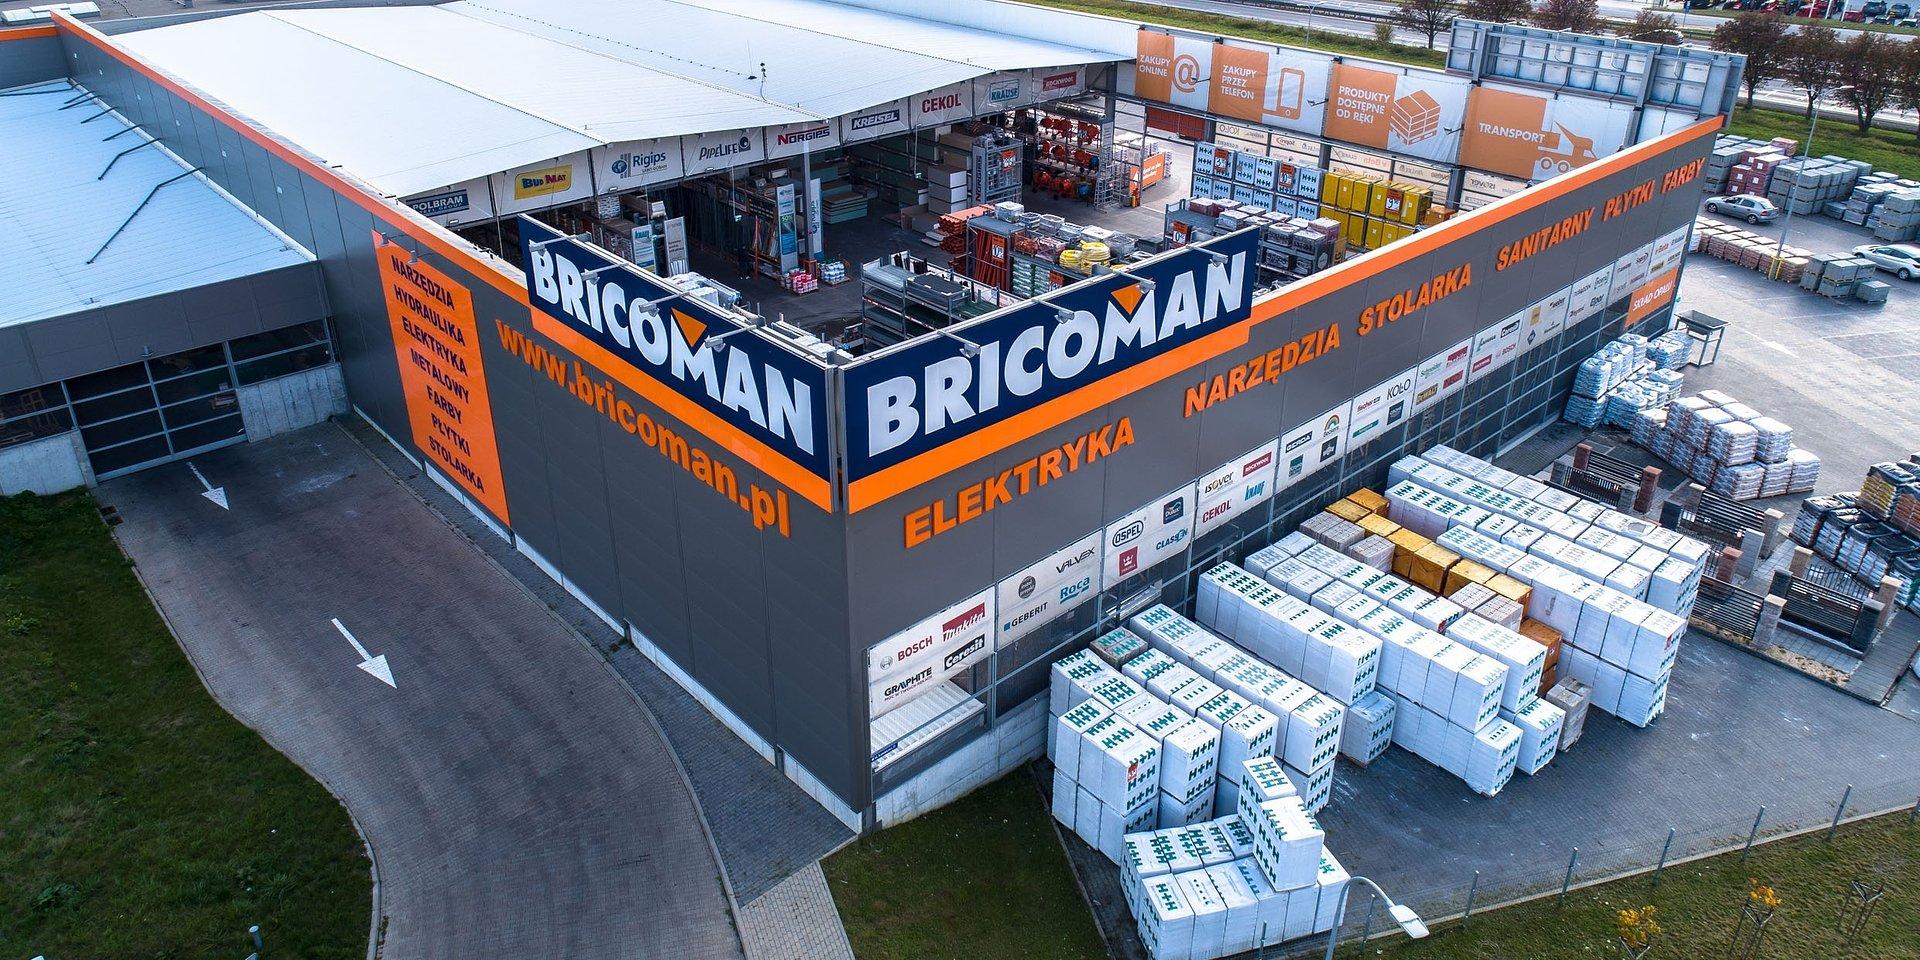 Bricoman rozwija działalność w Polsce i powiększa zasoby w sprzedaży inwestycyjnej